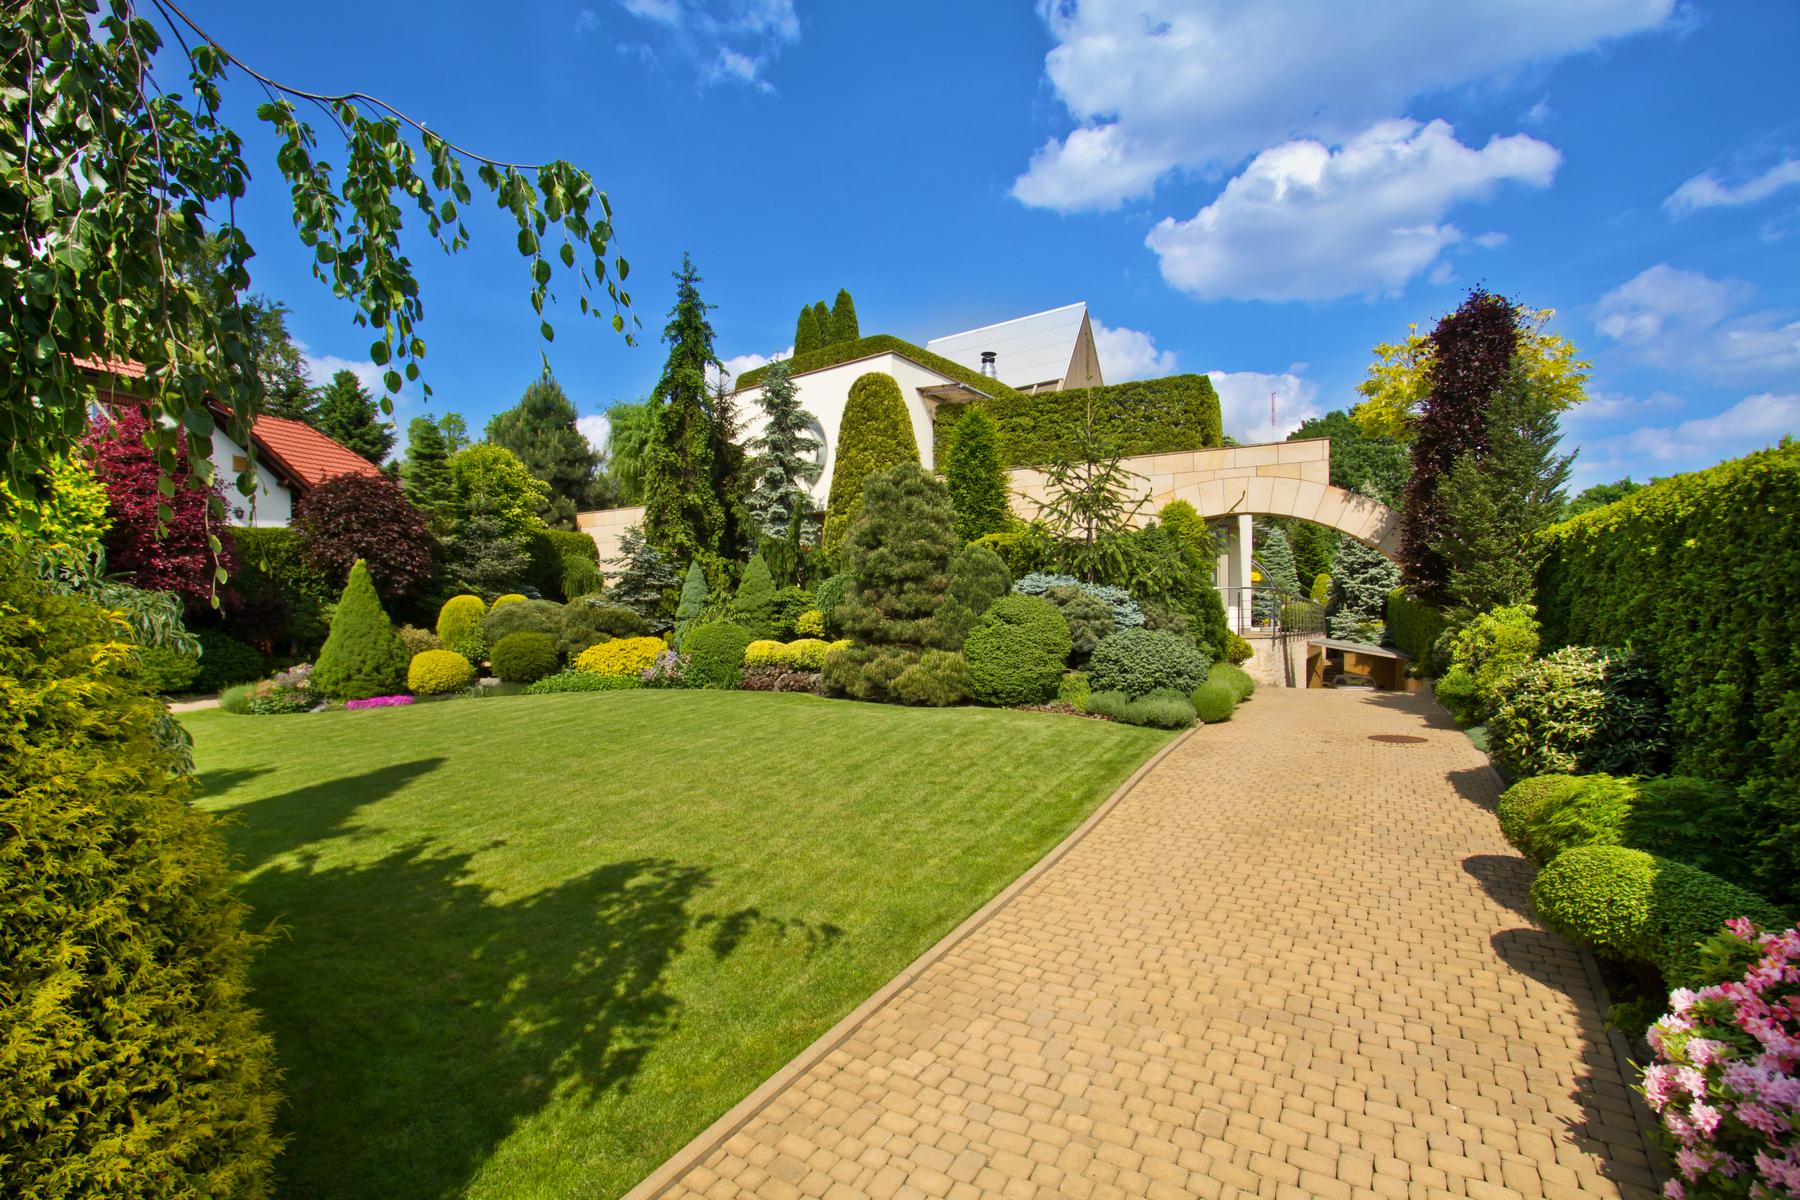 Single Family Home for Sale at Kraków Zwierzyniec - Wodociągowa Cracow, Malopolska, Poland